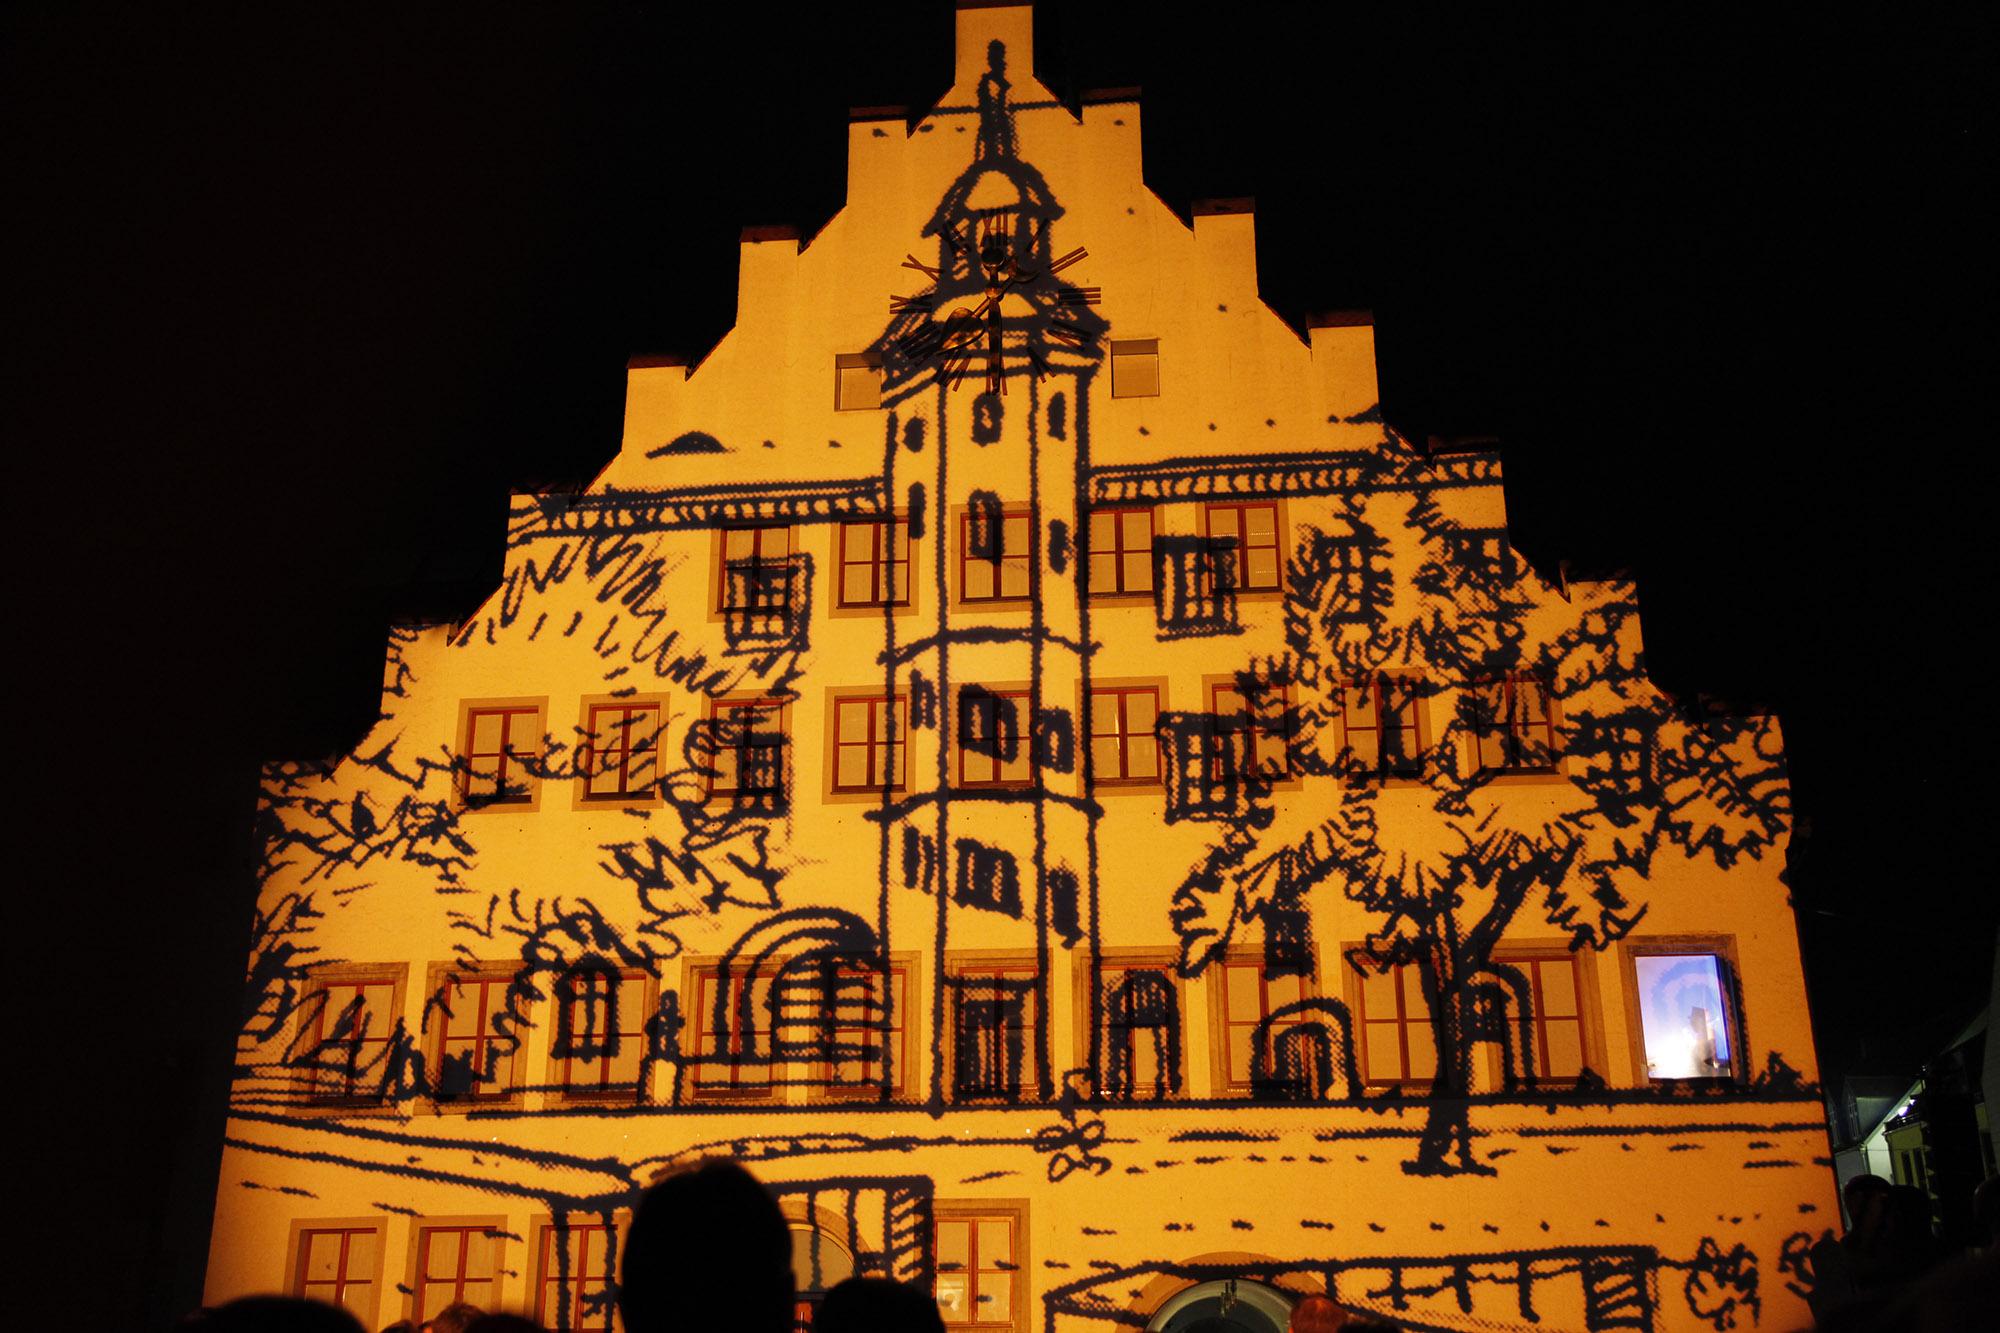 850JahreNeumarkt_Stadtgeschichte_2010_04.jpg